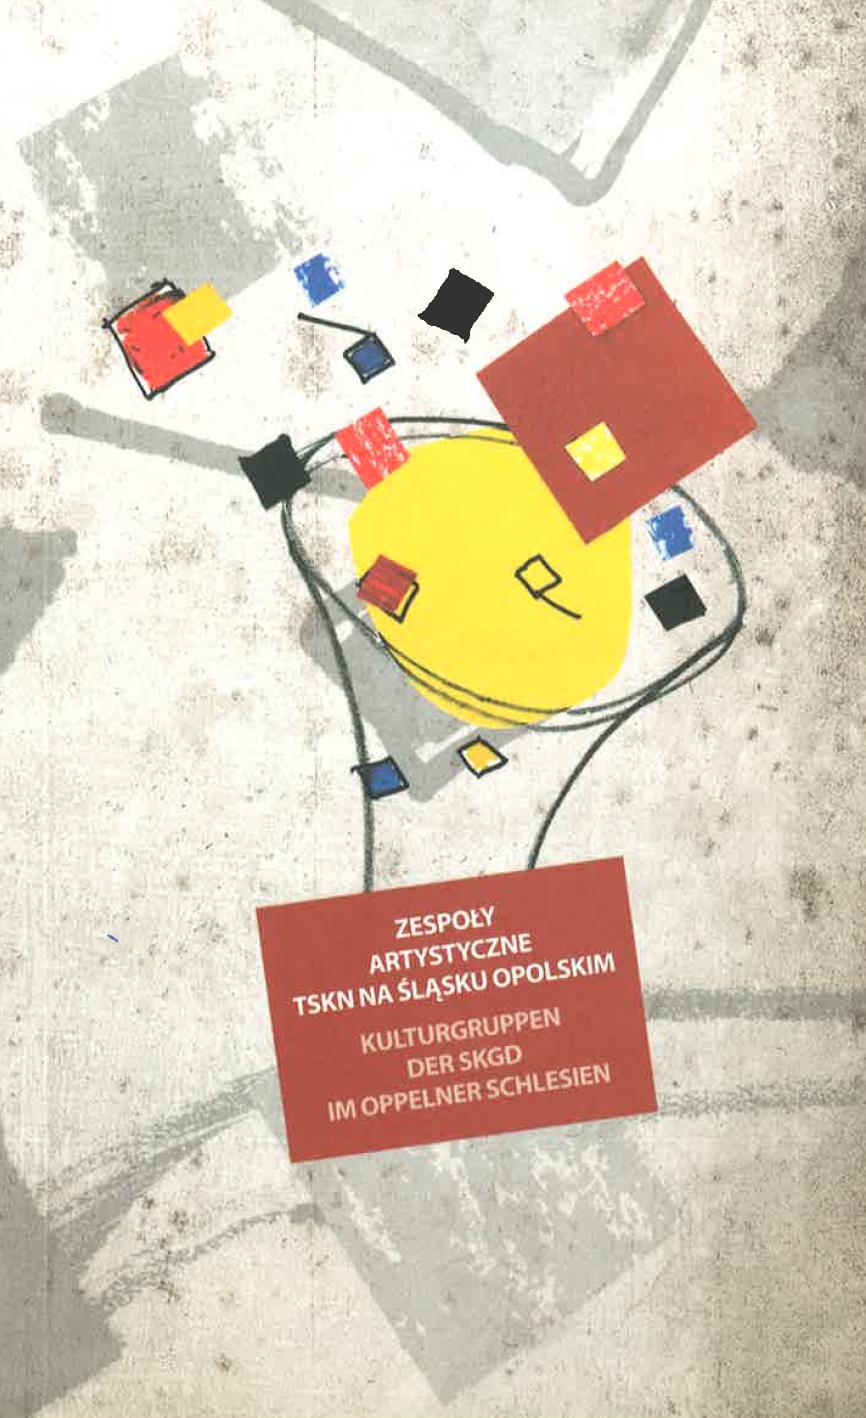 TSKN Zespoly broszura